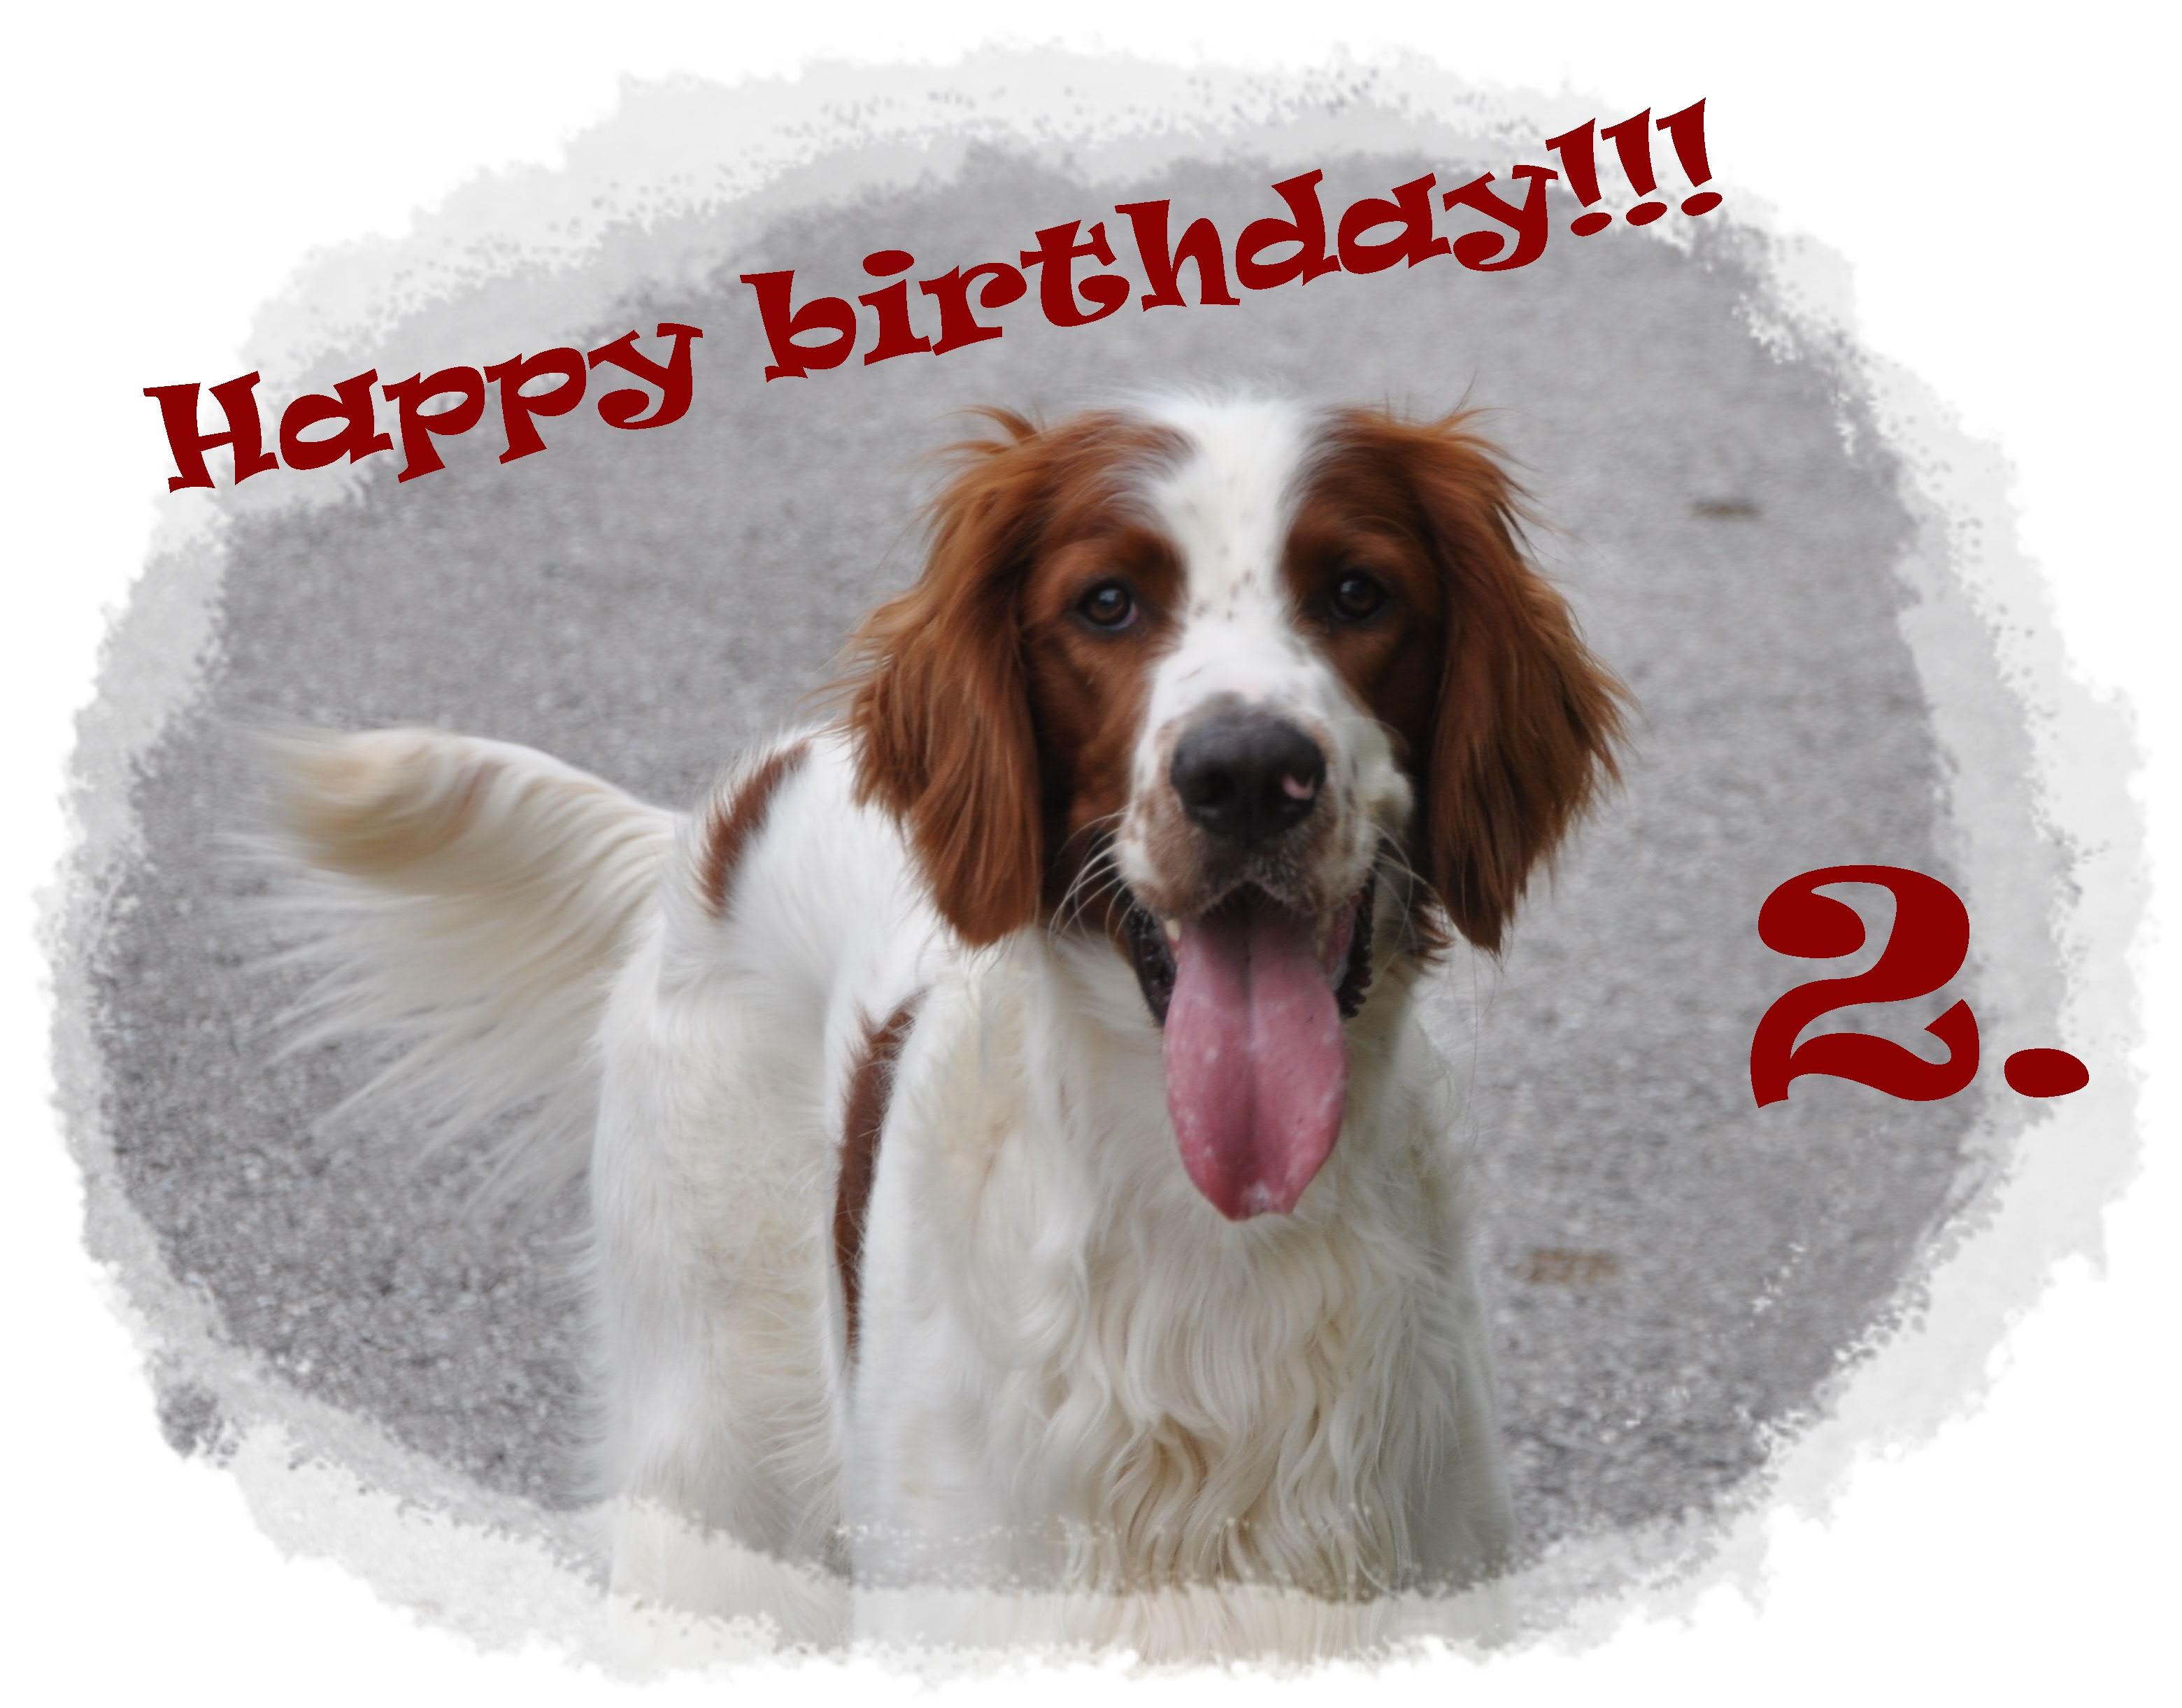 Happy birthday Stanley!!!